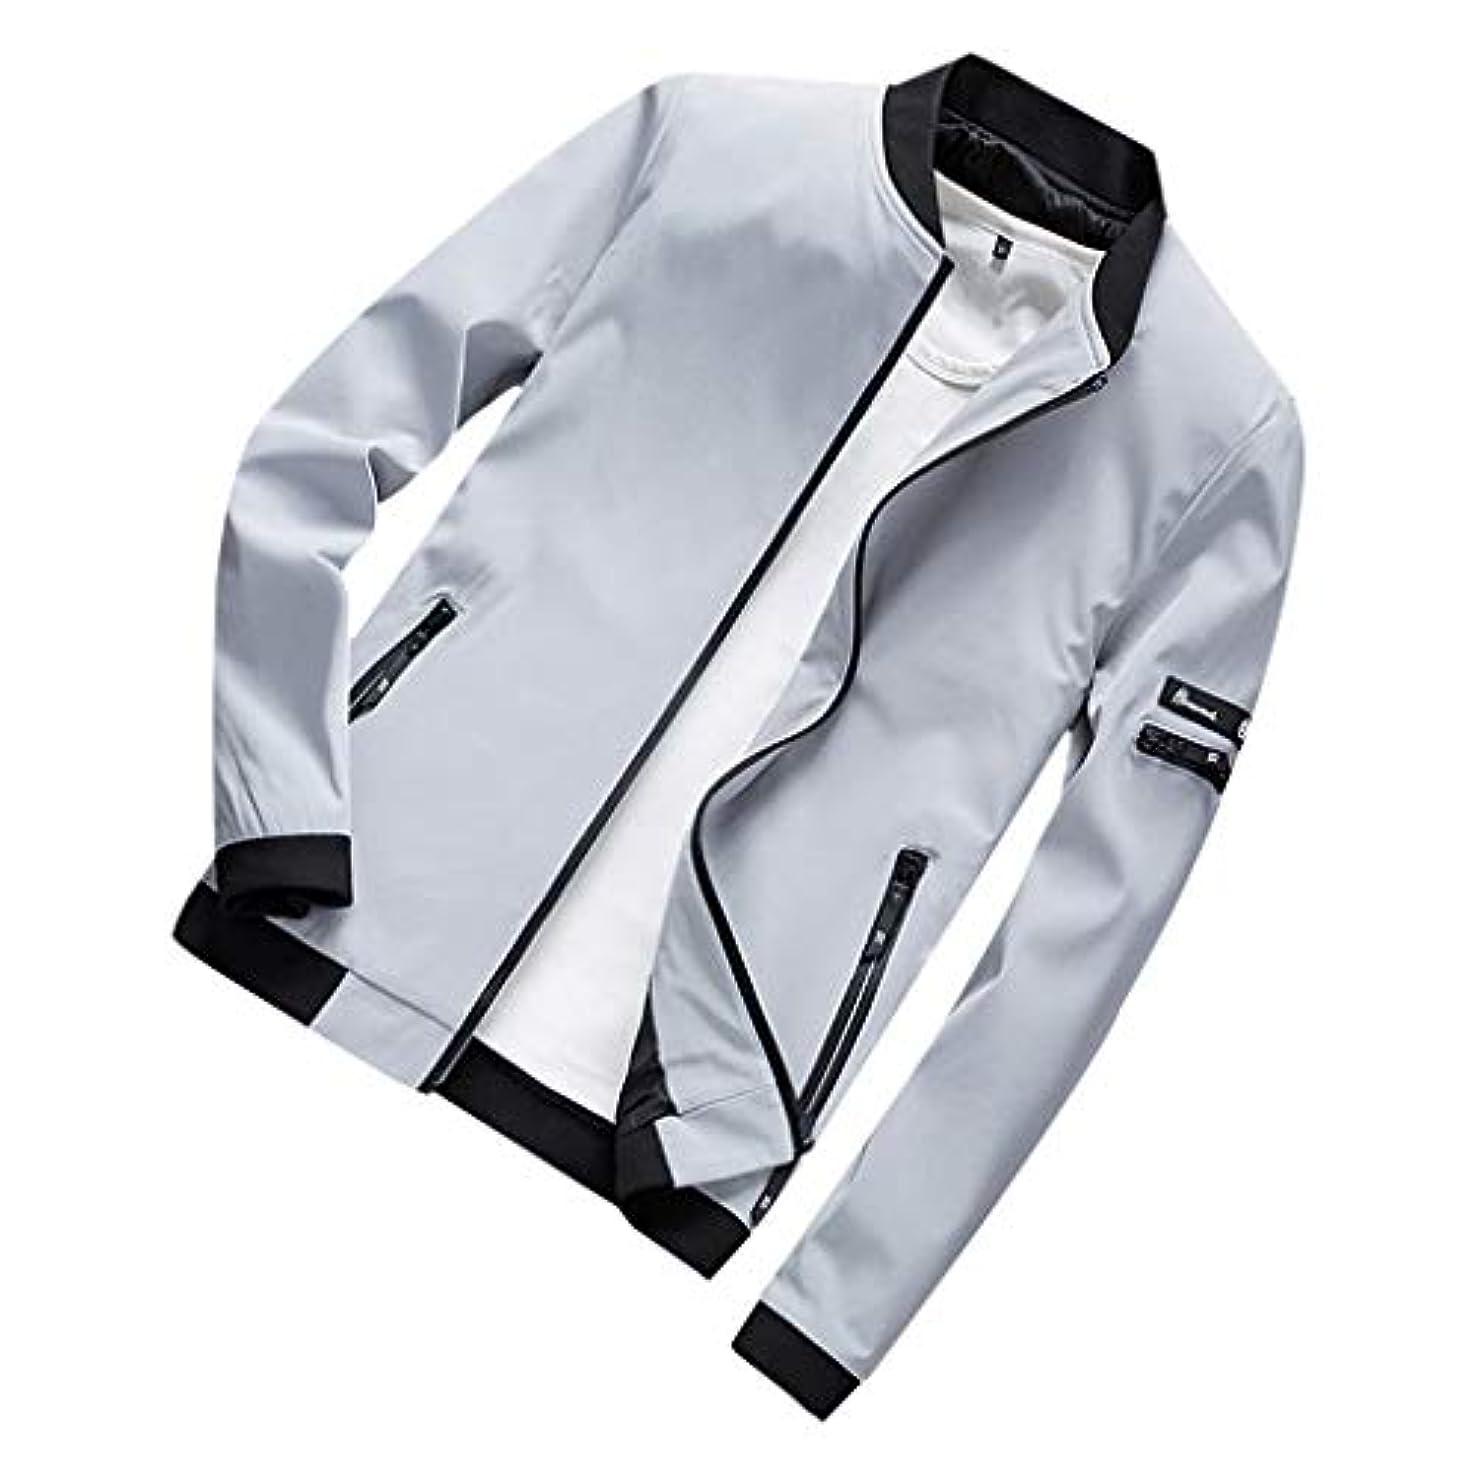 性差別没頭するドラフトジャケット メンズ コート ブルゾン 秋 冬 防水 無地 カジュアル 綿 大きいサイズ アウター 黒 ストレッチ ビジネスシャツ 細身 ジャケット